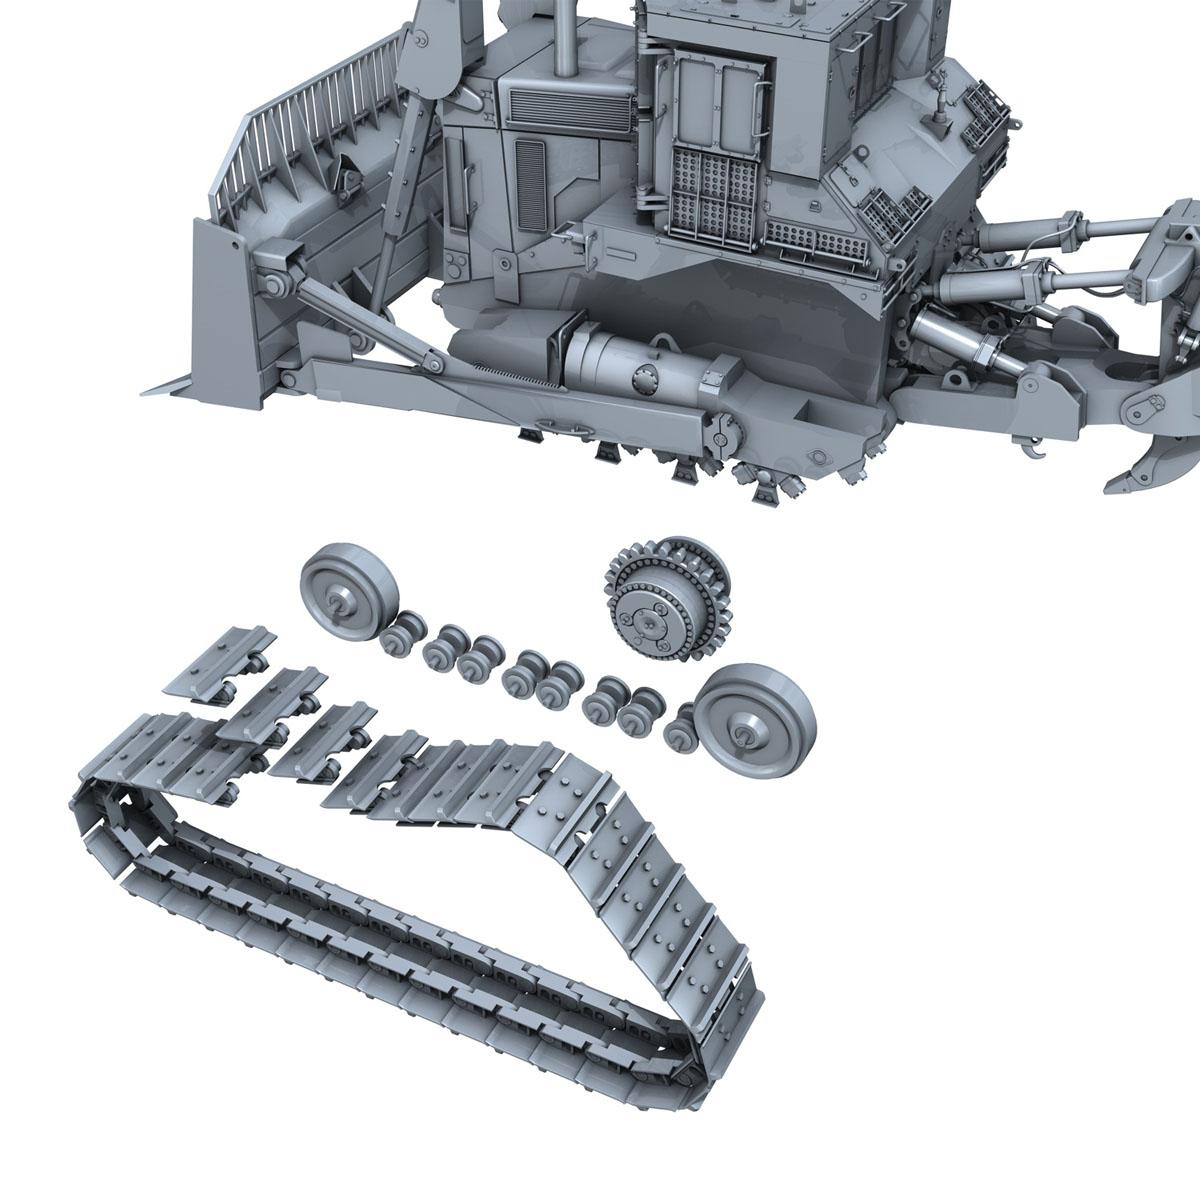 хуягт муур d9r bulldozer 3d загвар 3ds fbx c4d lwo obj 201409